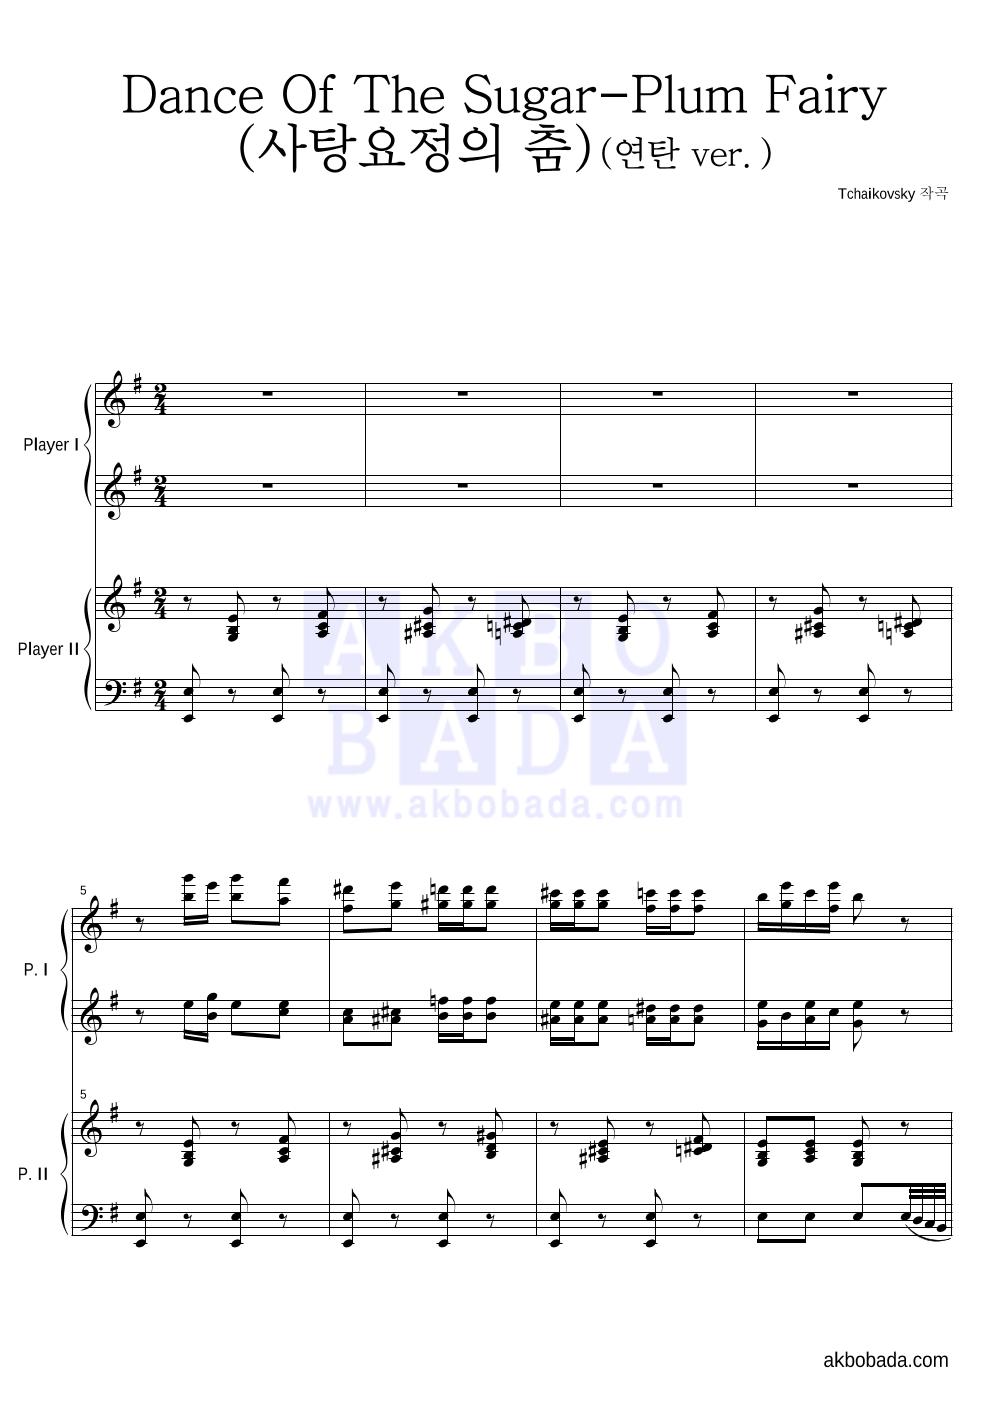 차이코프스키 - Dance Of The Sugar-Plum Fairy (사탕요정의 춤) 연탄곡 악보